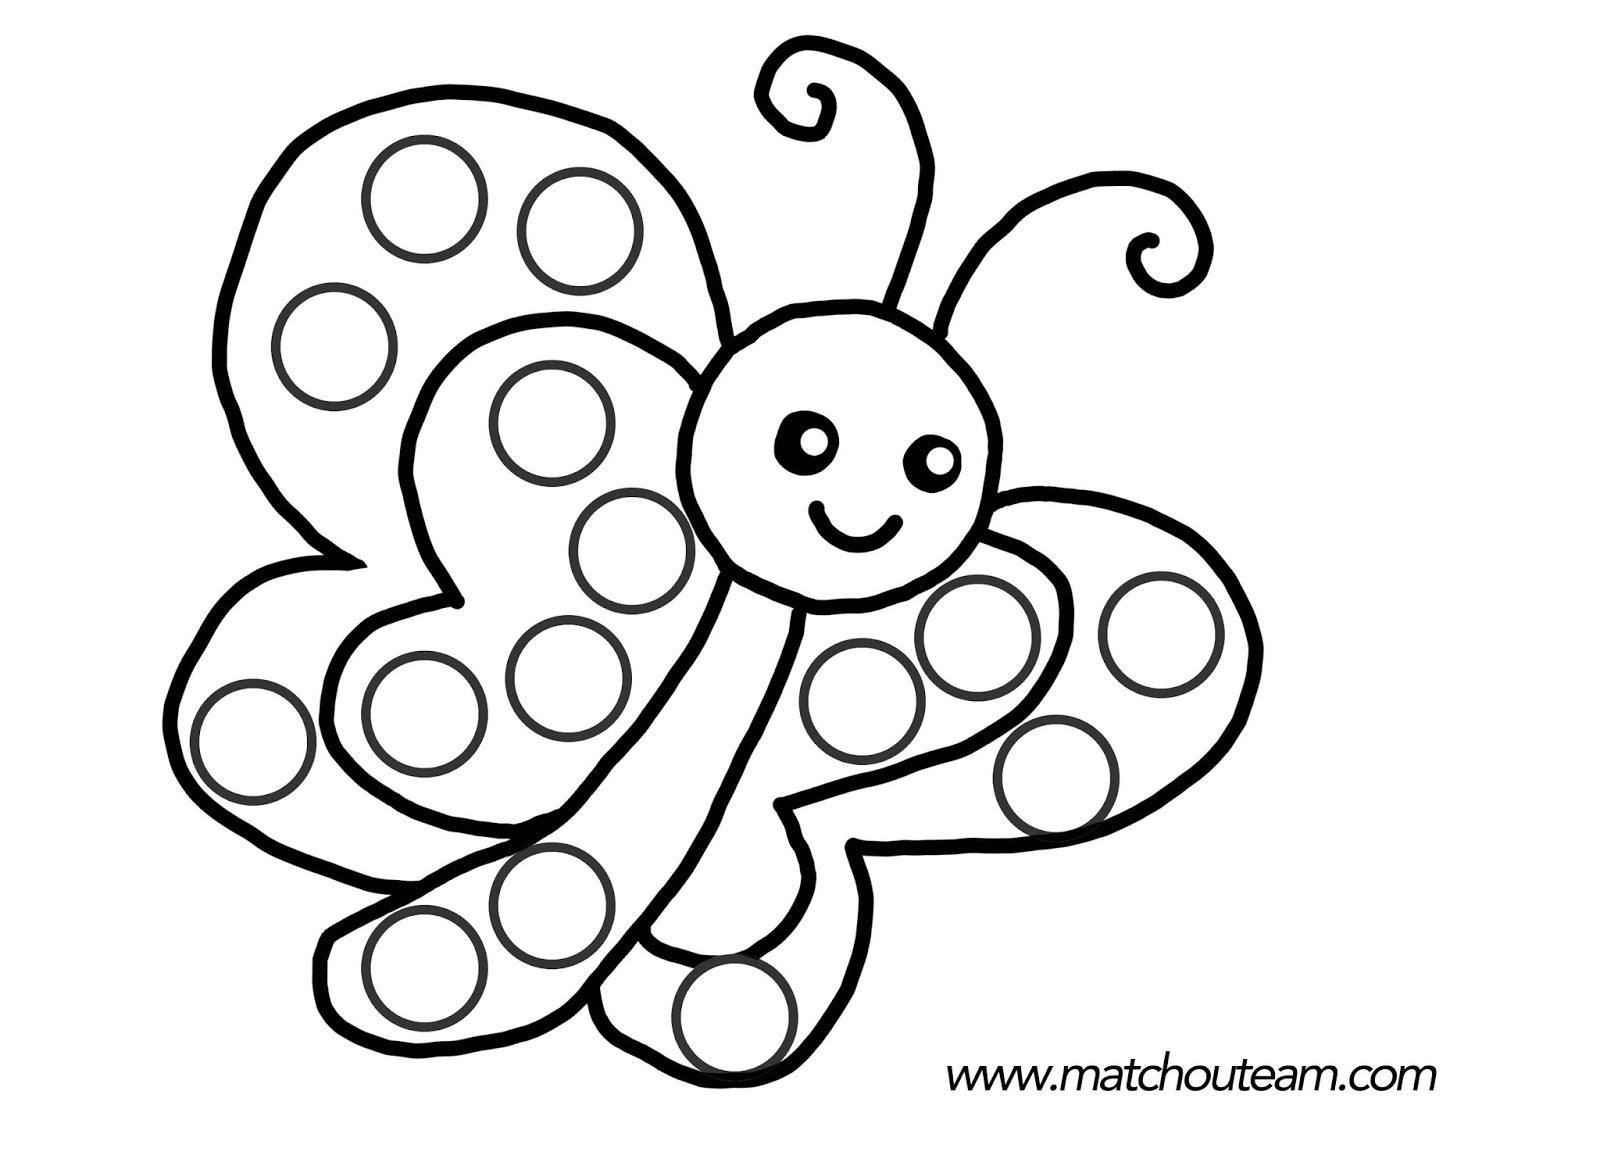 Dessin colorier papillon simple - Buzz a colorier ...